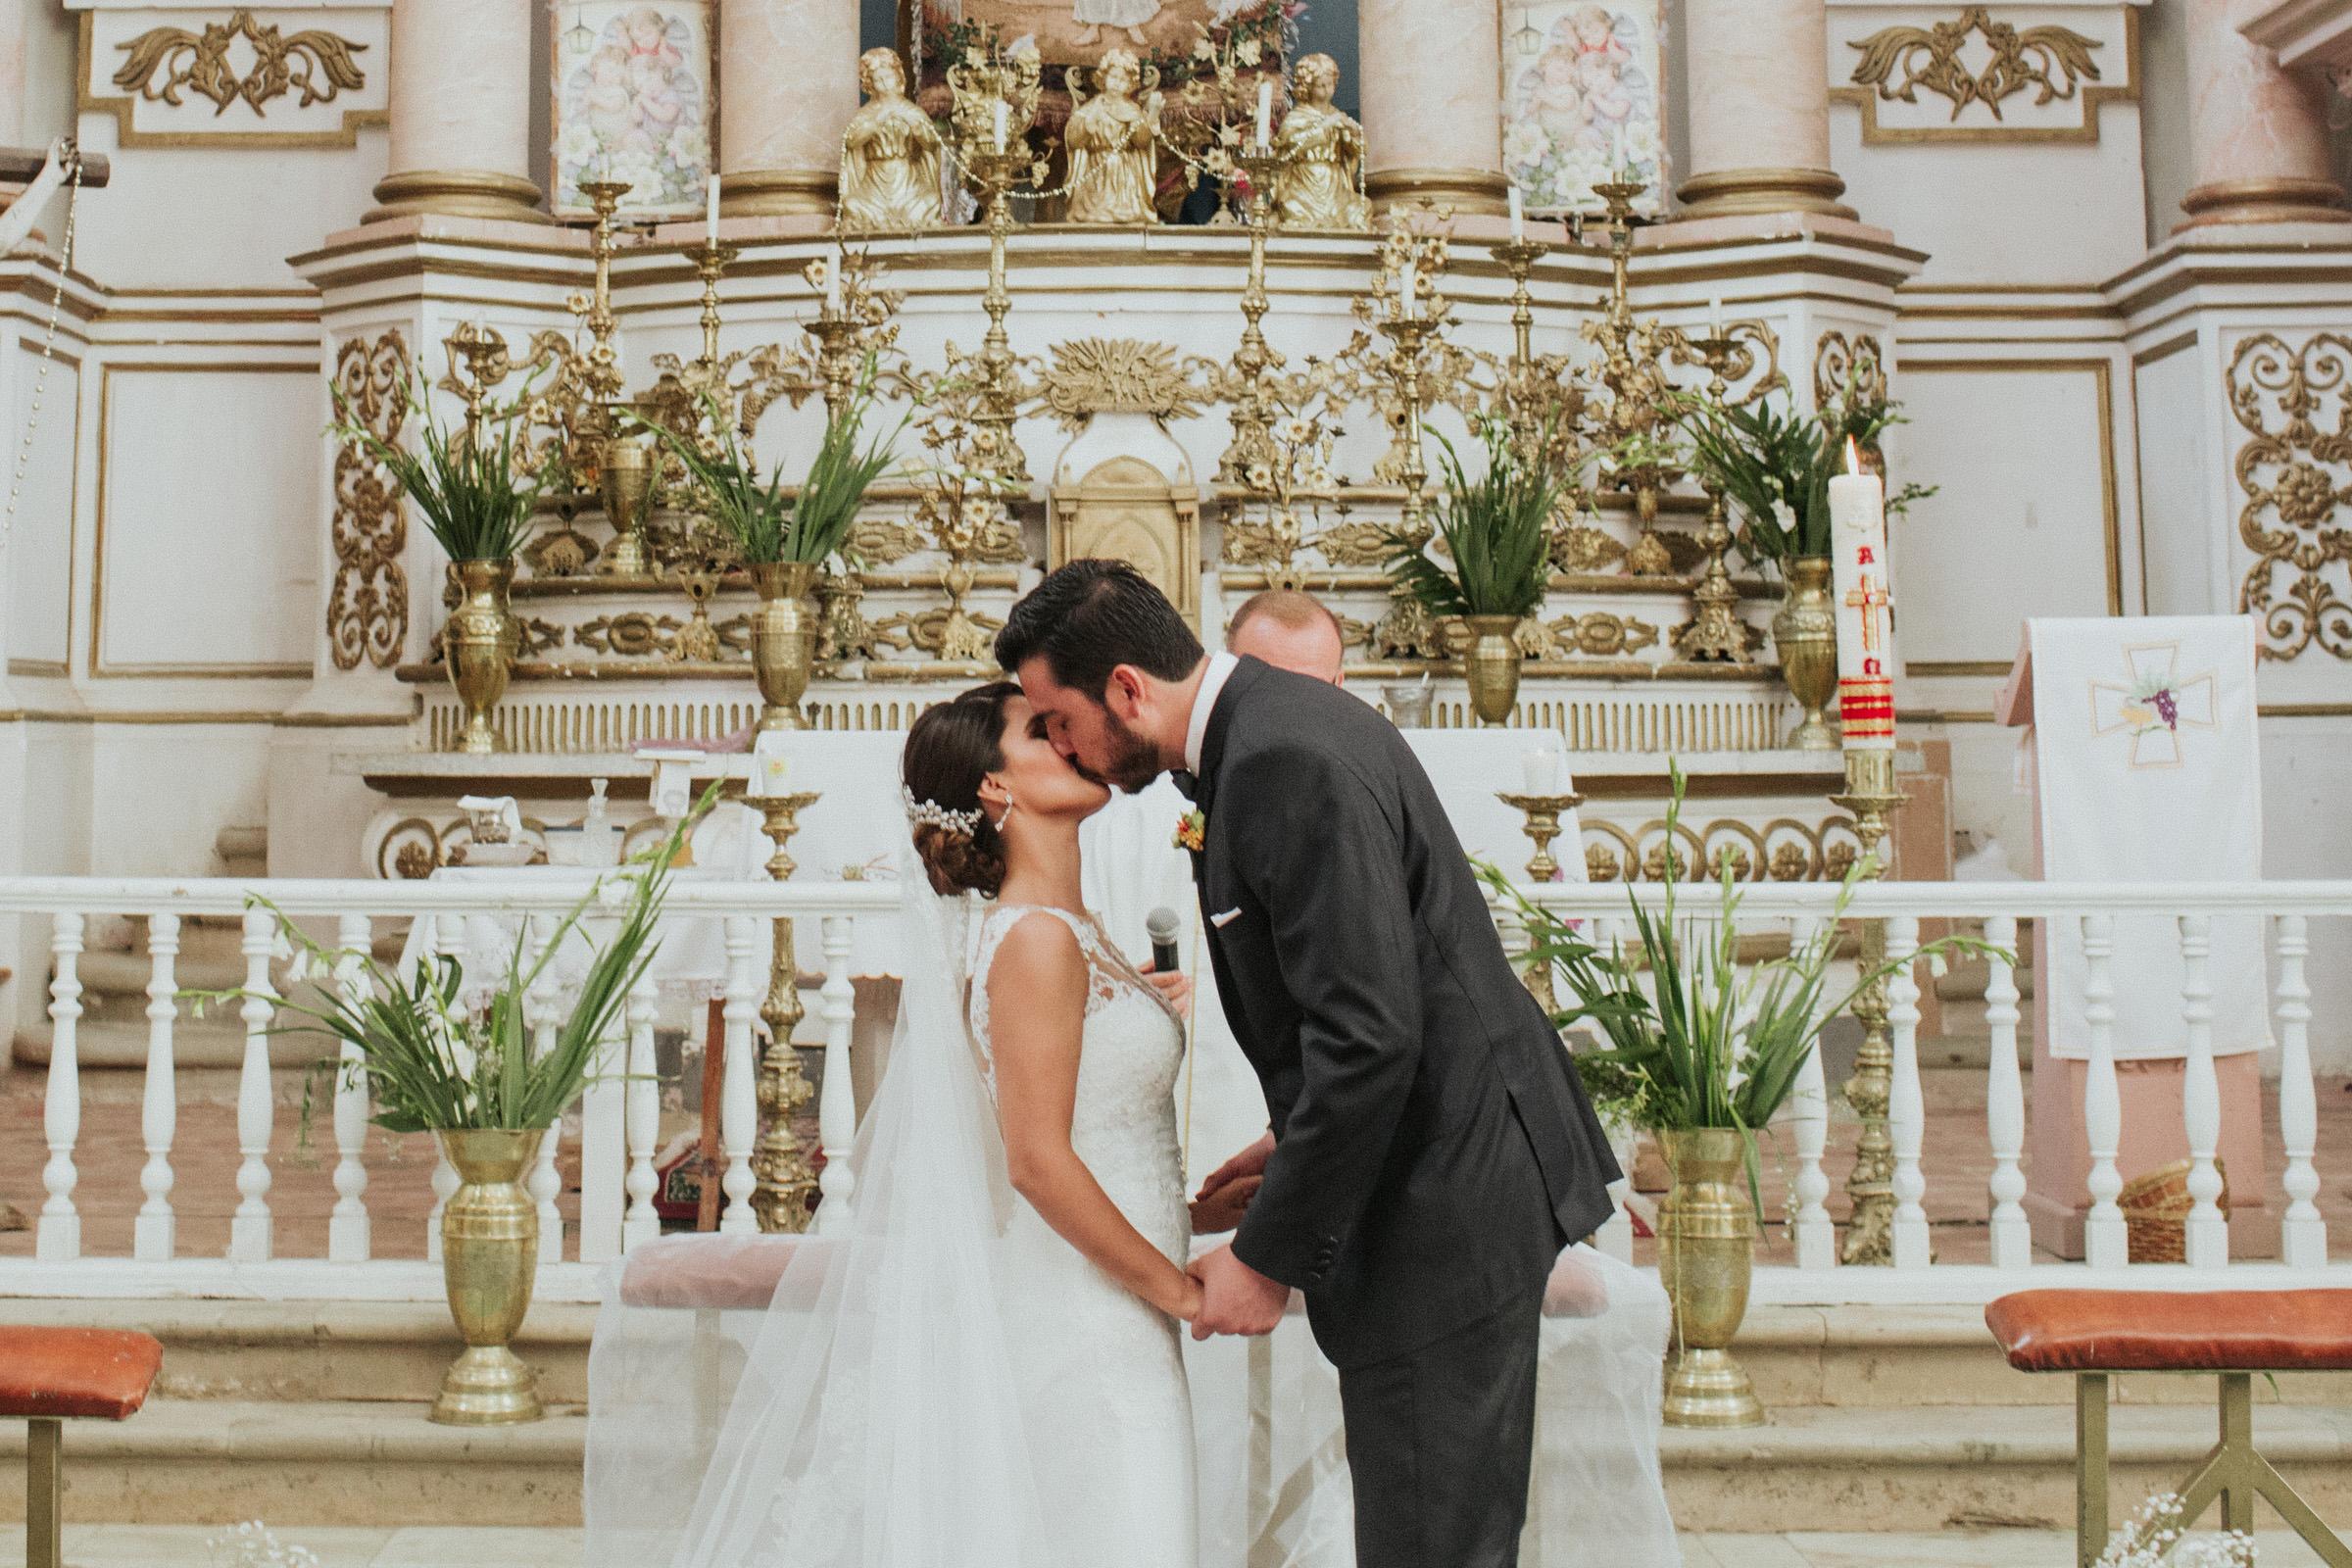 Boda-Guanajuato-Camino-de-Vinos-San-Miguel-Allende-Wedding-Fotografia-Paulina-Mauricio-Pierce0173.JPG